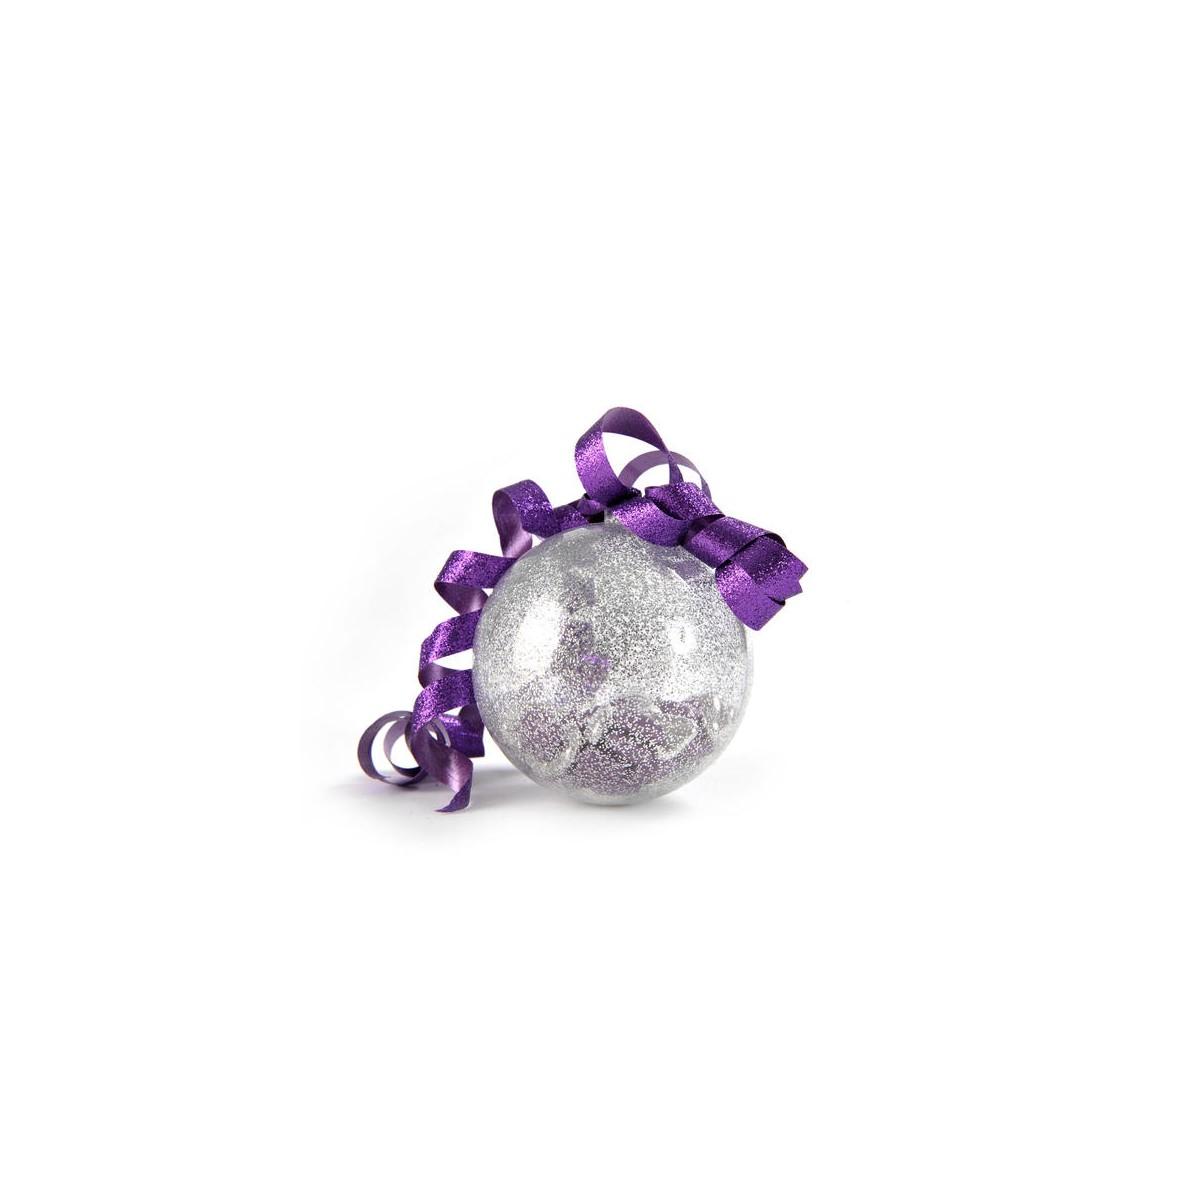 Boule Pailletée Argent x 6